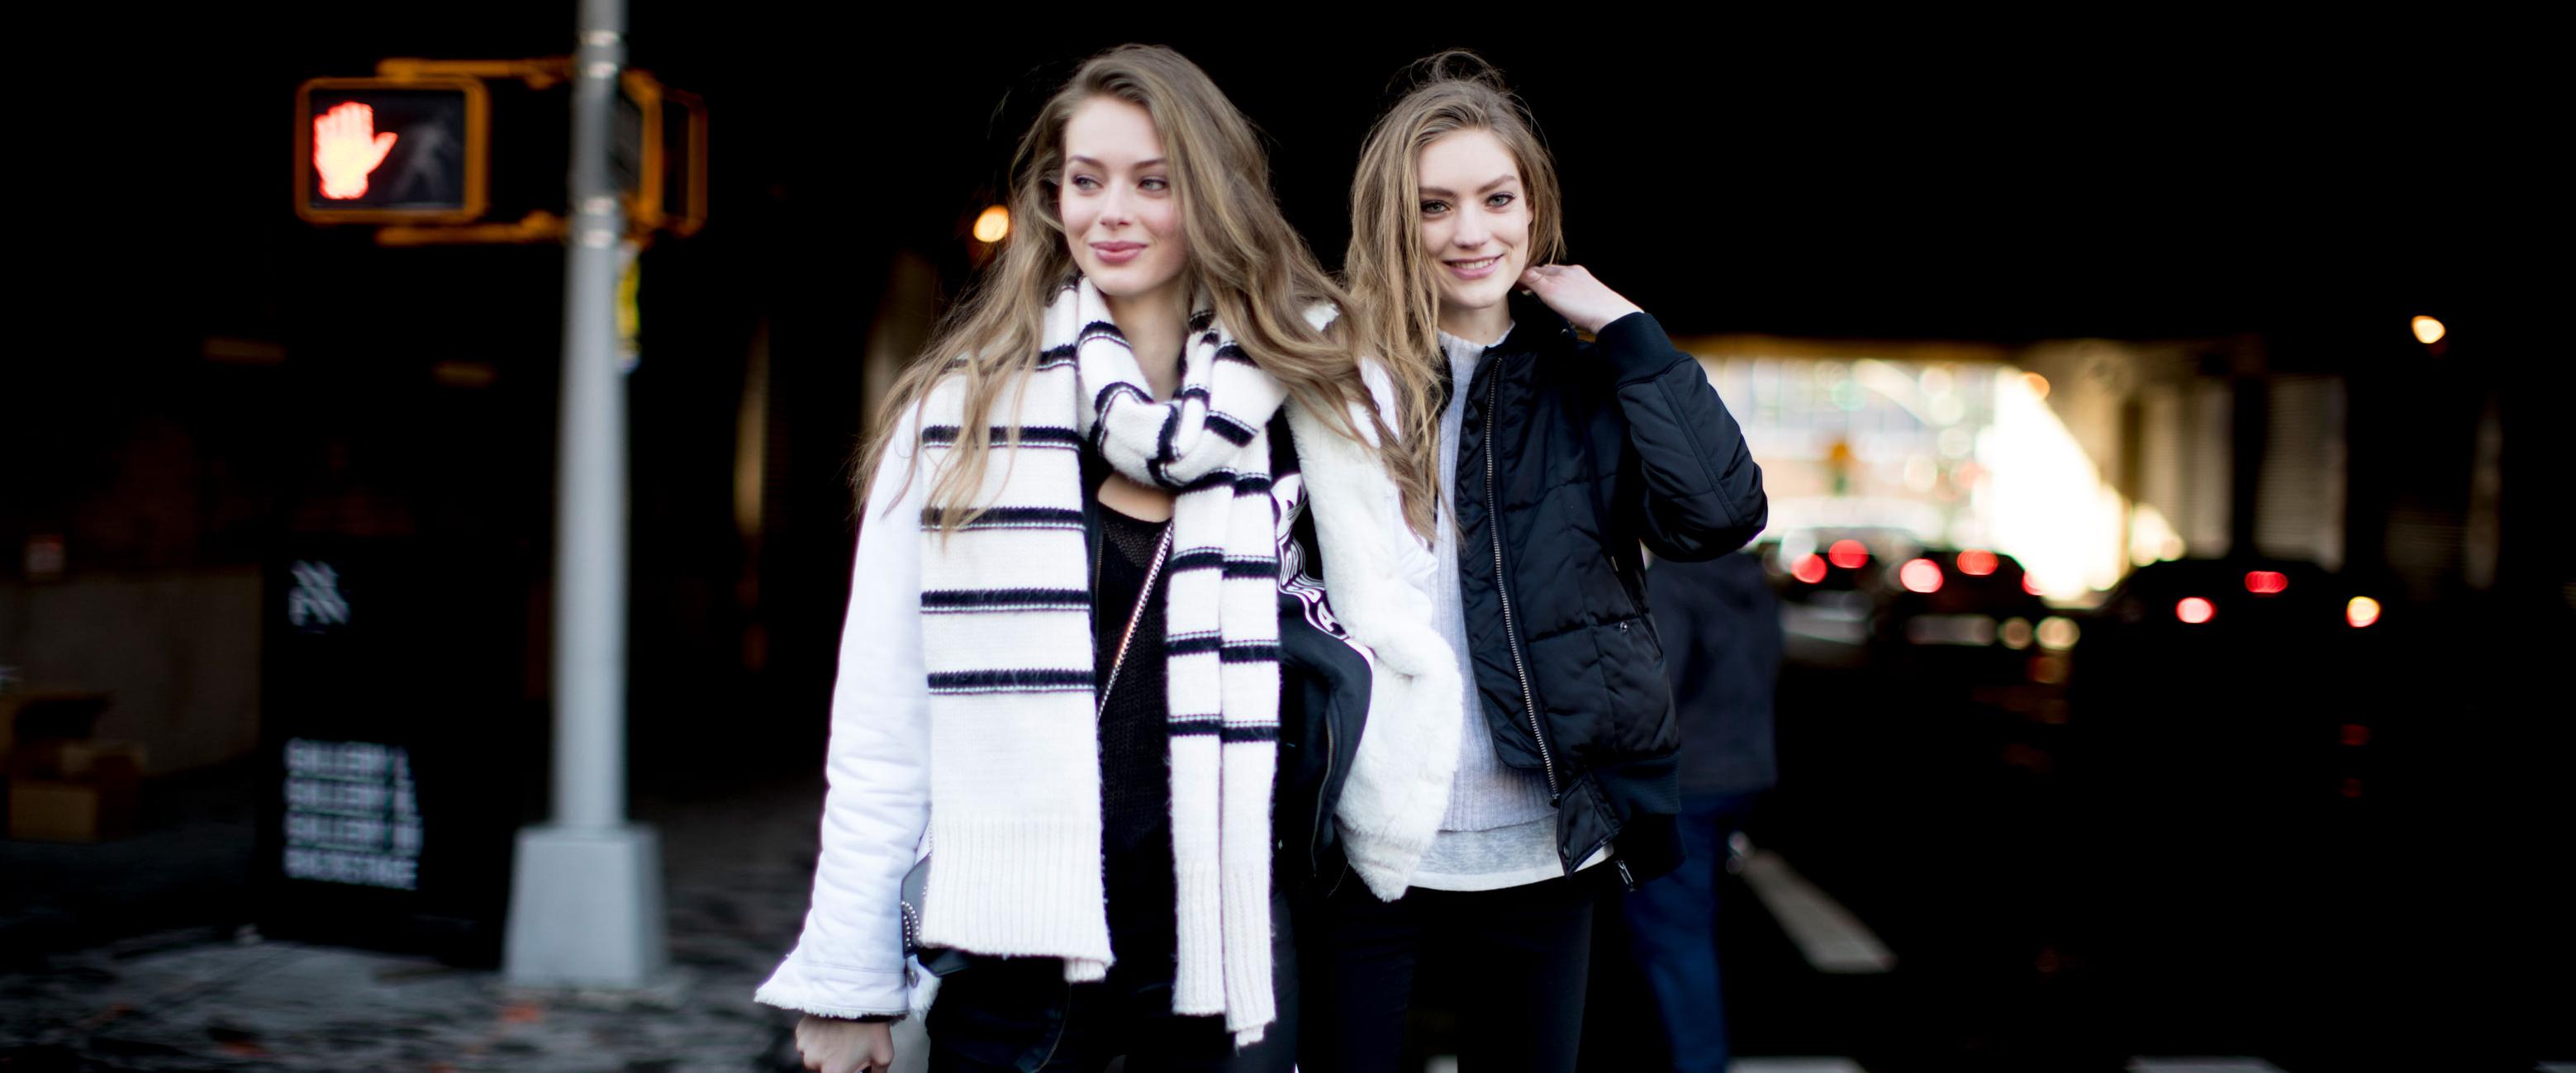 """冬天穿黑色衣服,关于黑色的诠释有许多,它神秘帅气,有着无尽的想象,而冬天,也最是黑色""""猖狂""""的时候。那么,我们就来看看冬天怎么穿黑色最好看!"""